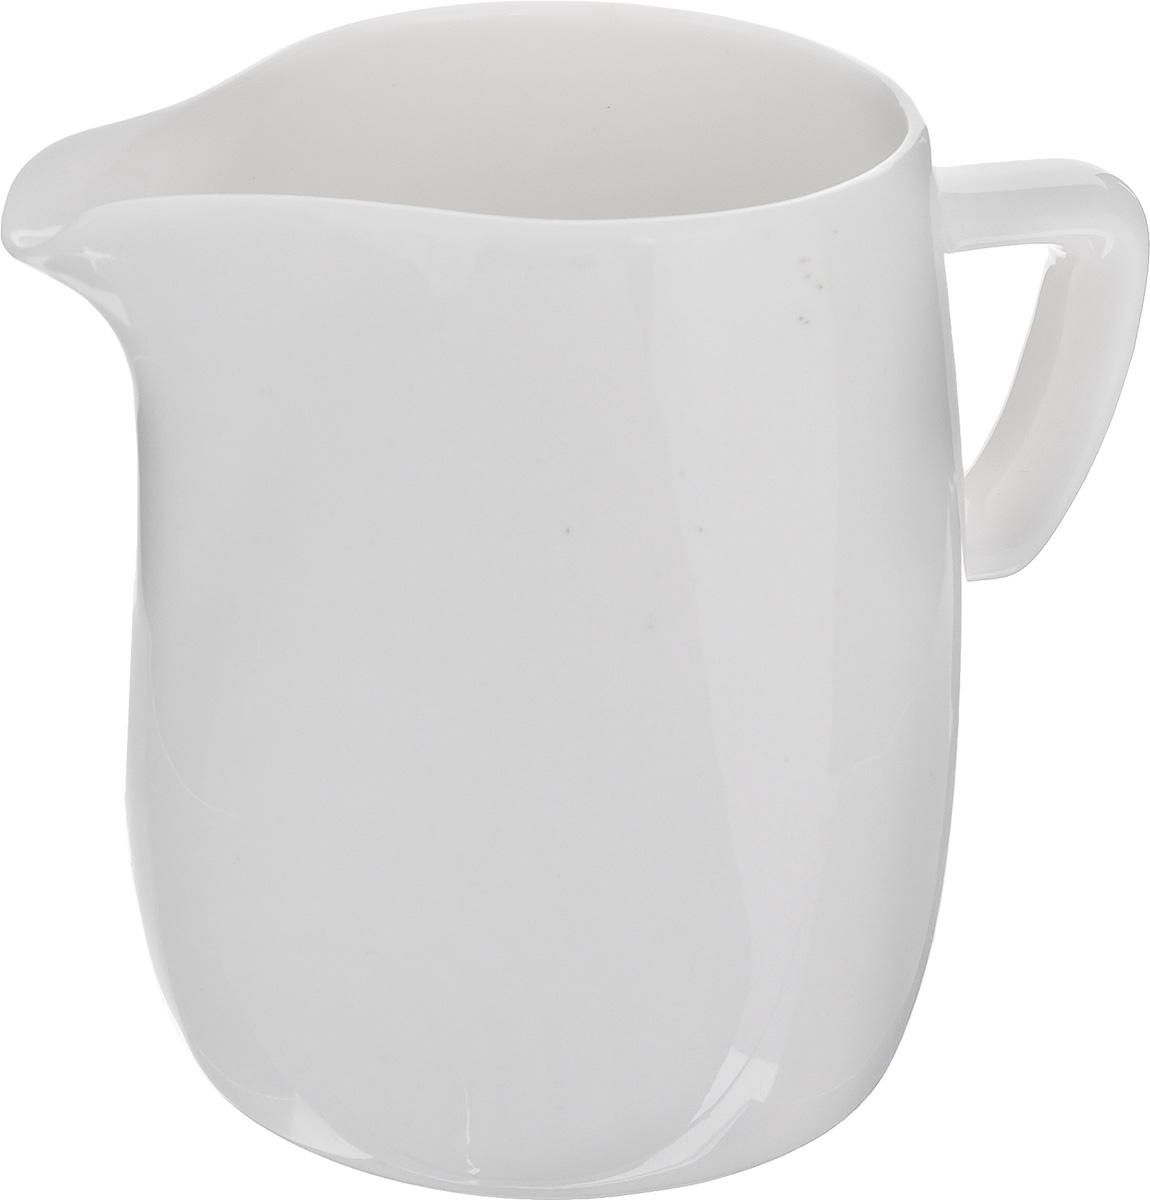 Сливочник Tescoma Crema, 250 мл115510Сливочник Tescoma Crema выполнен из высококачественного фарфора.Эксклюзивный дизайн, эстетичность и функциональность сливочника сделает его незаменимым на любой кухне.Можно мыть в посудомоечной машине, использовать в микроволновой печи и морозильнике. Диаметр по верхнему краю (без учета носика): 6 см.